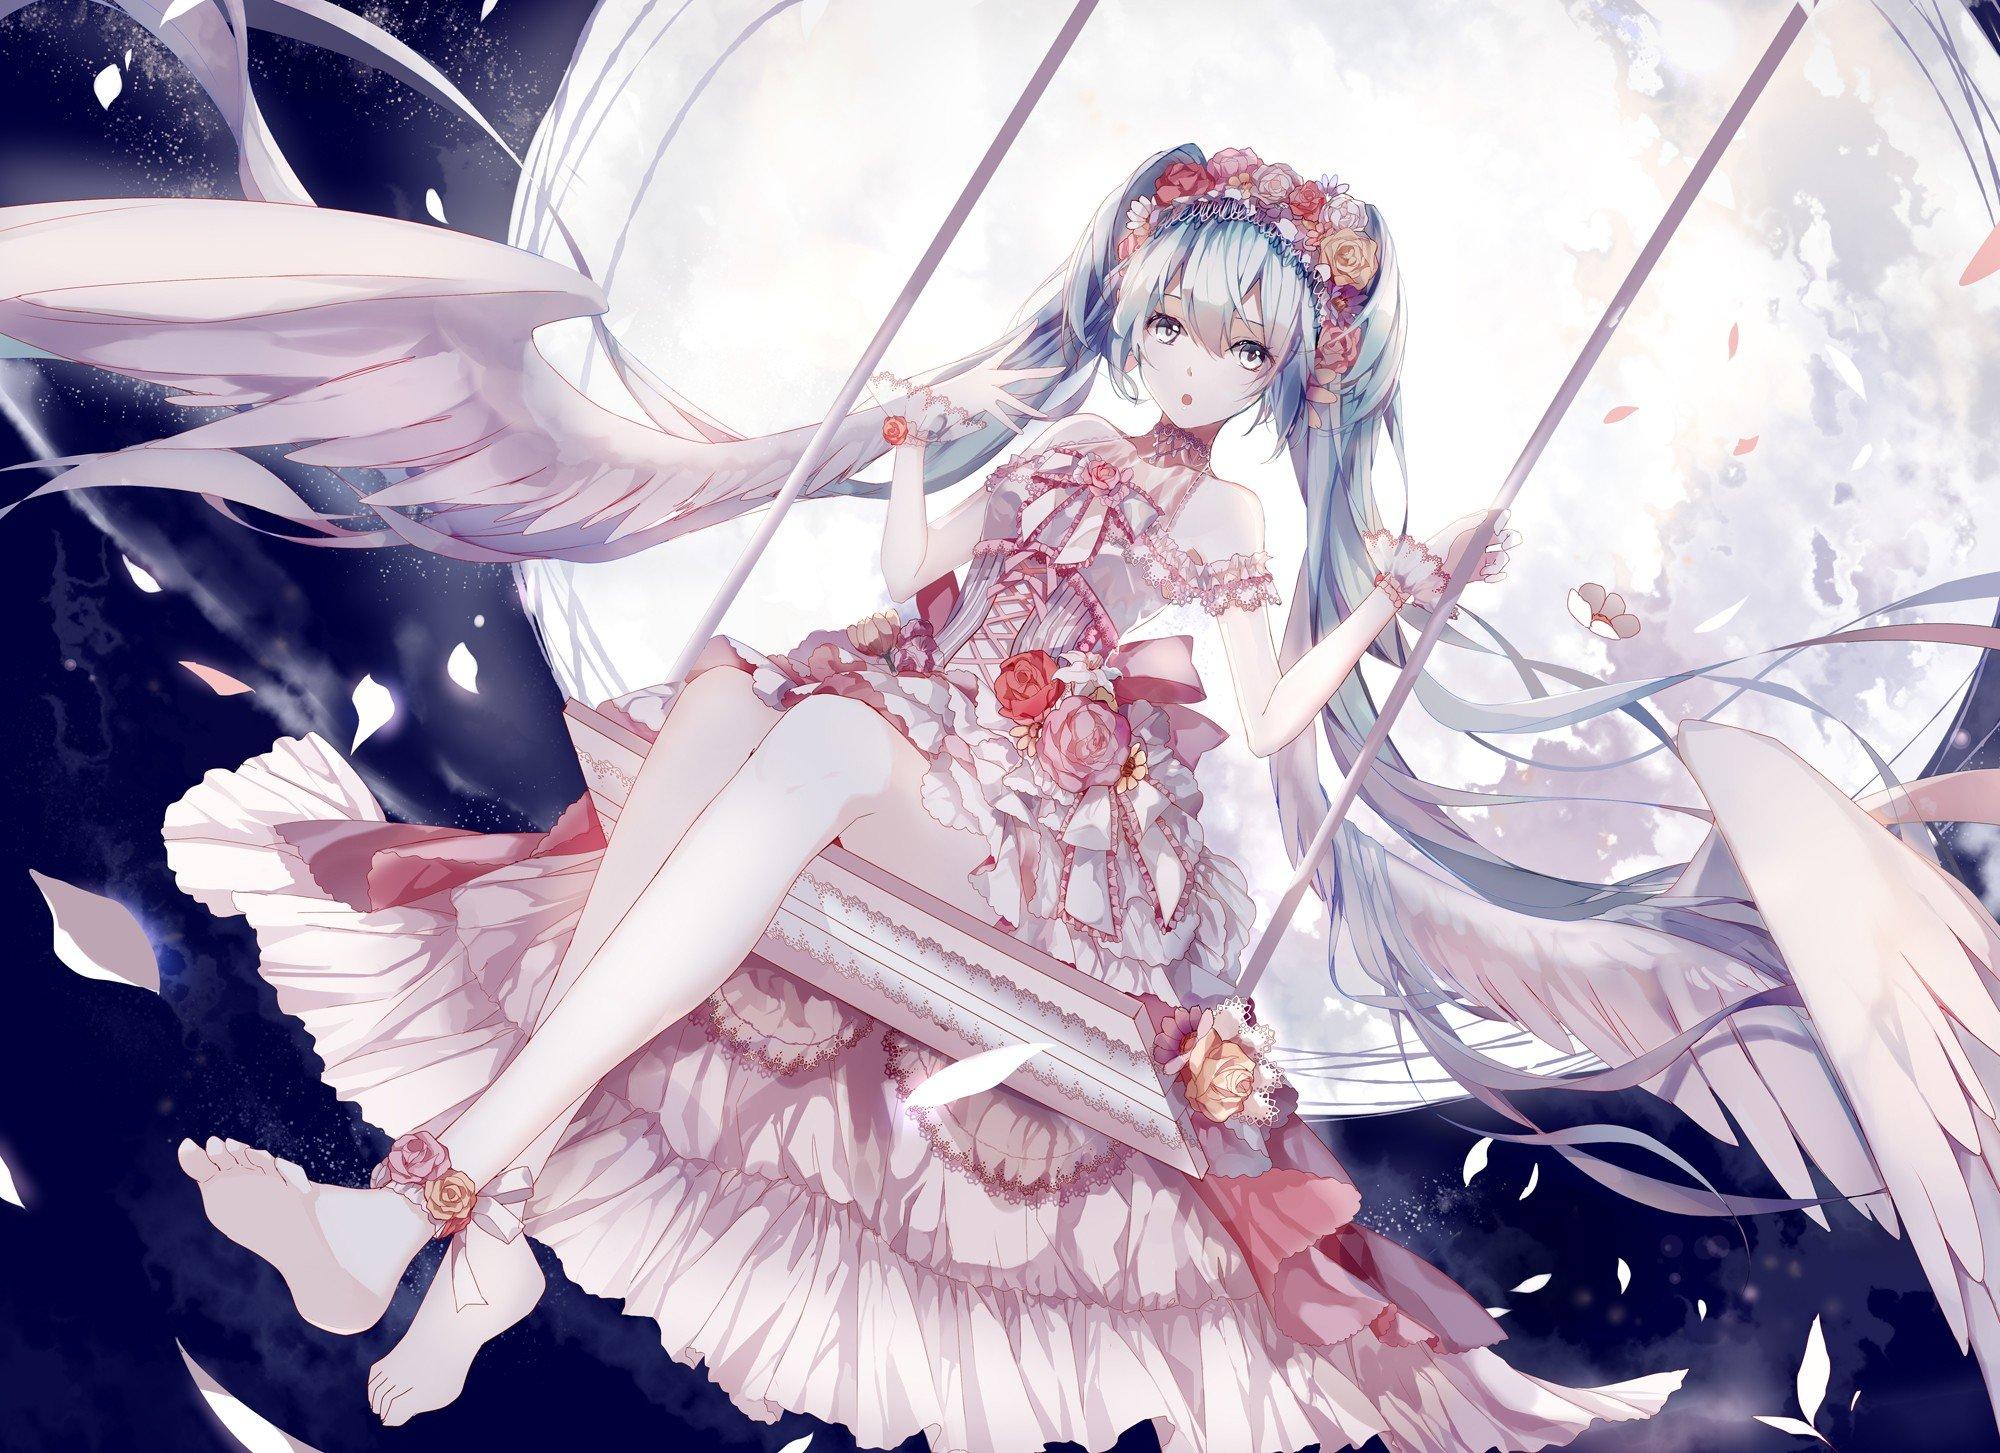 anime girls, Vocaloid, Hatsune Miku, Moon HD Wallpapers / Desktop